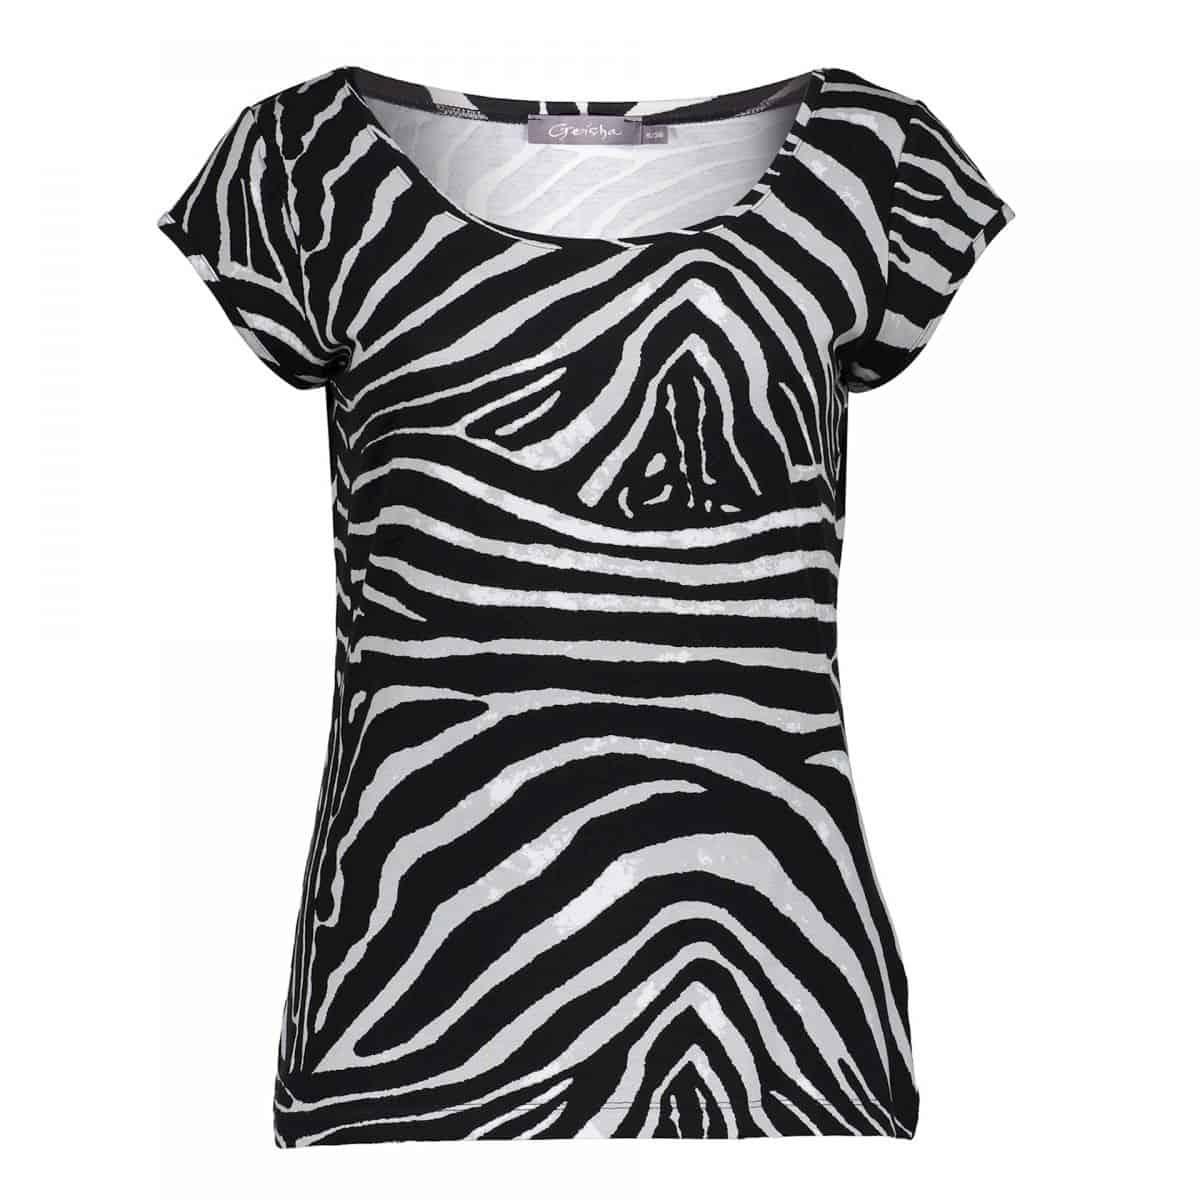 Geisha T-Shirt Short Sleeve Kate Black/Grey Zebra